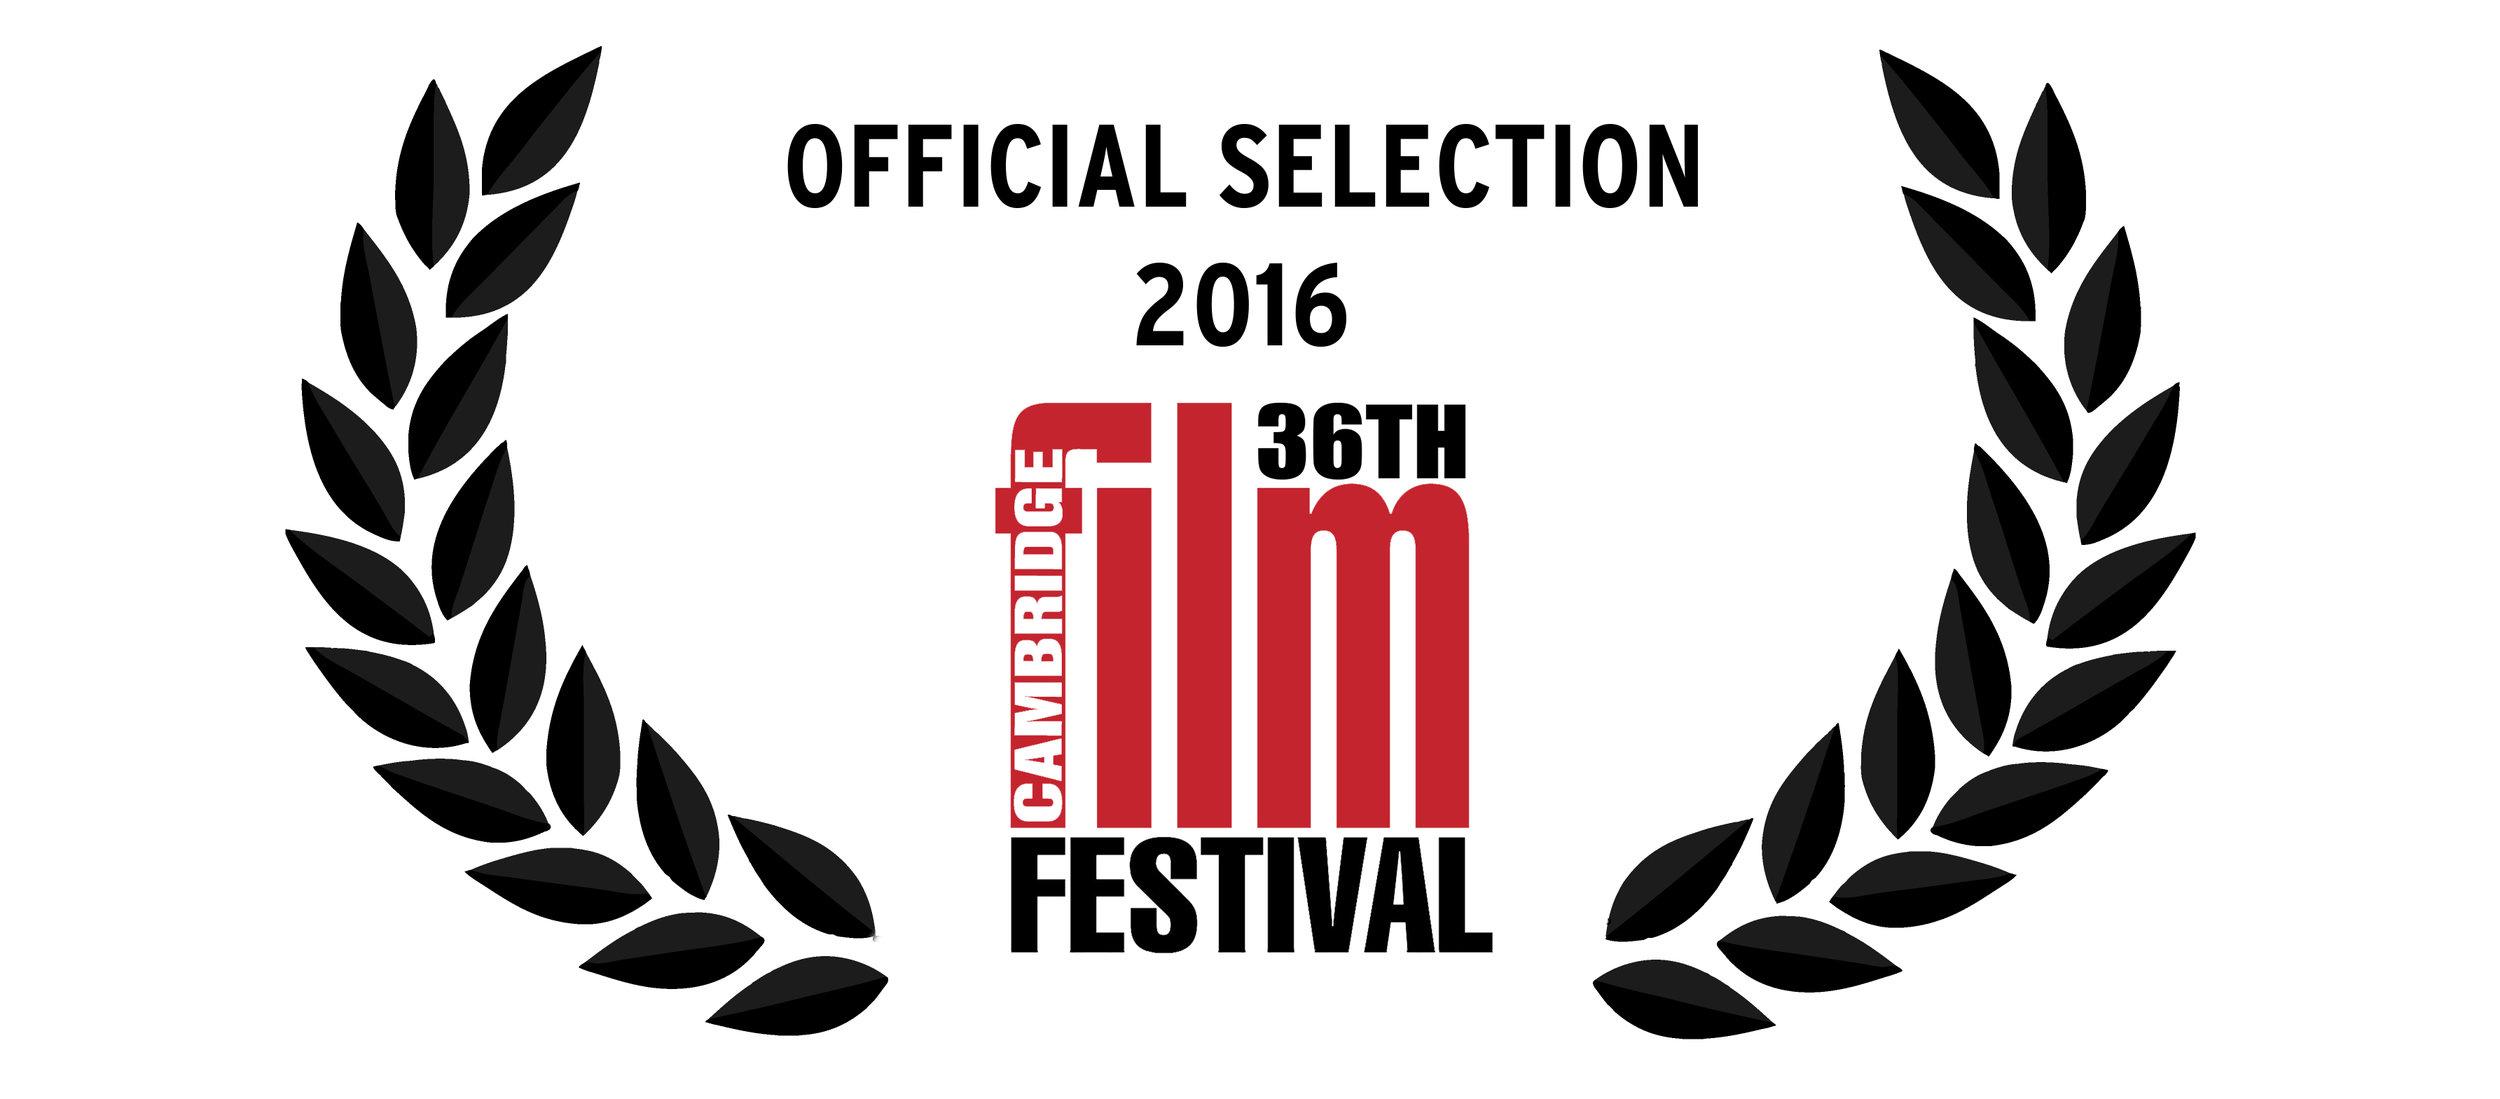 CFF_OfficialSelection_2016_BLK_RED.jpg